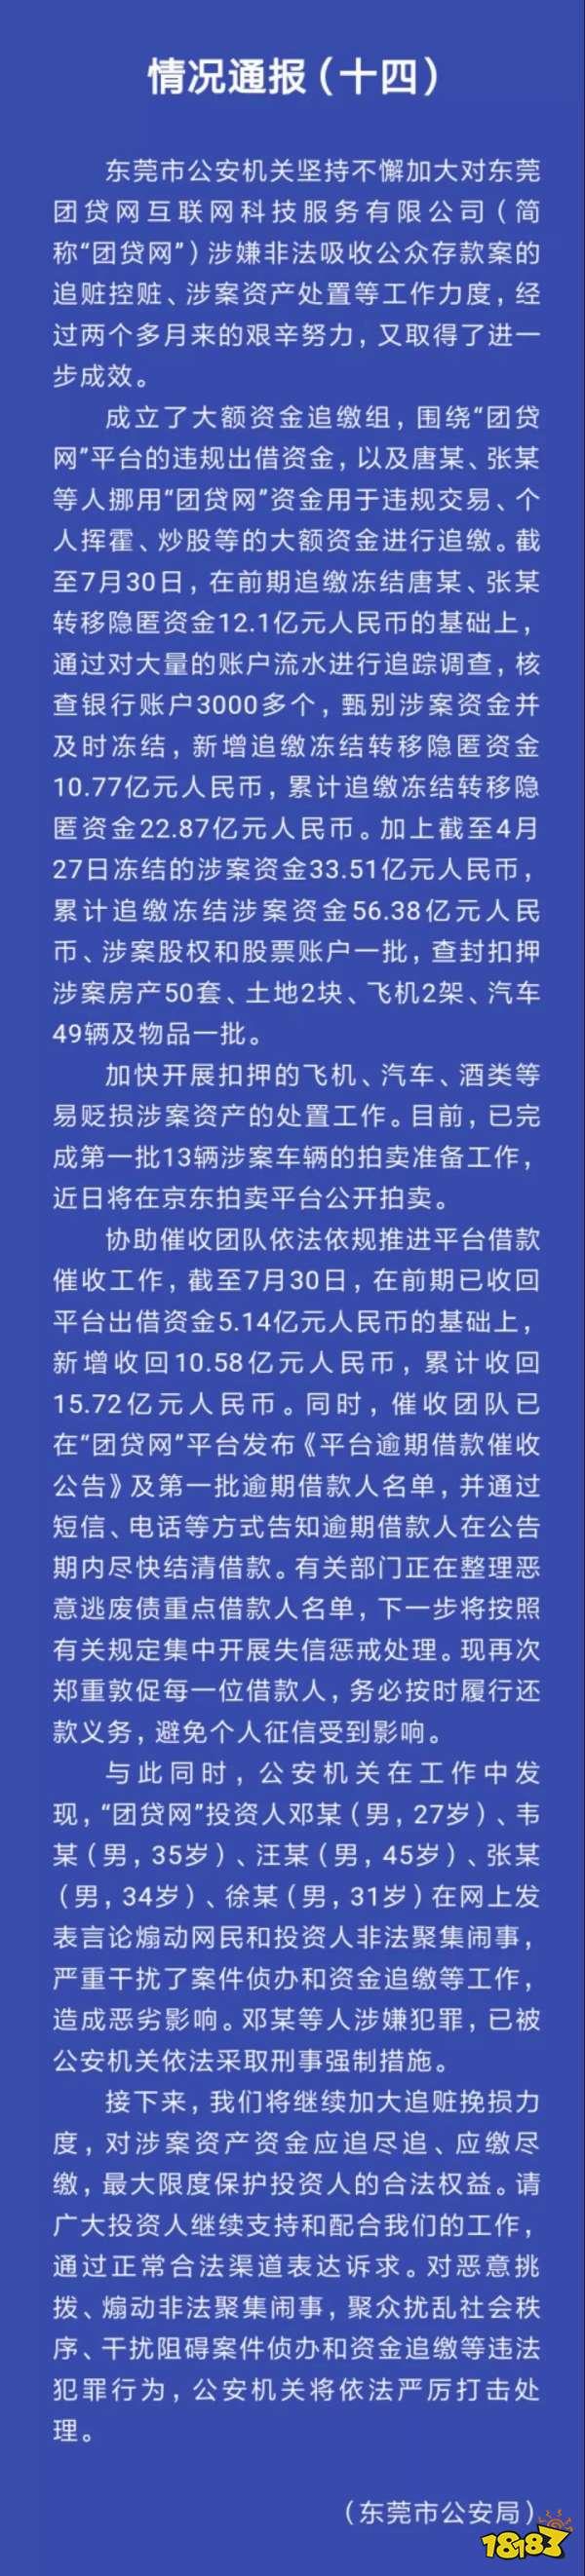 警方发布团贷网案新进展 累计冻结资金56.38亿